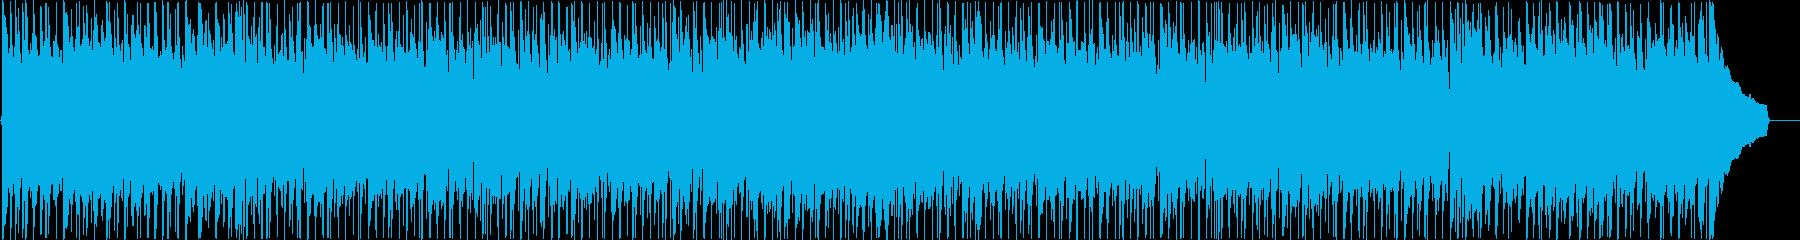 楽しい日常のわくわくを感じるBGMの再生済みの波形